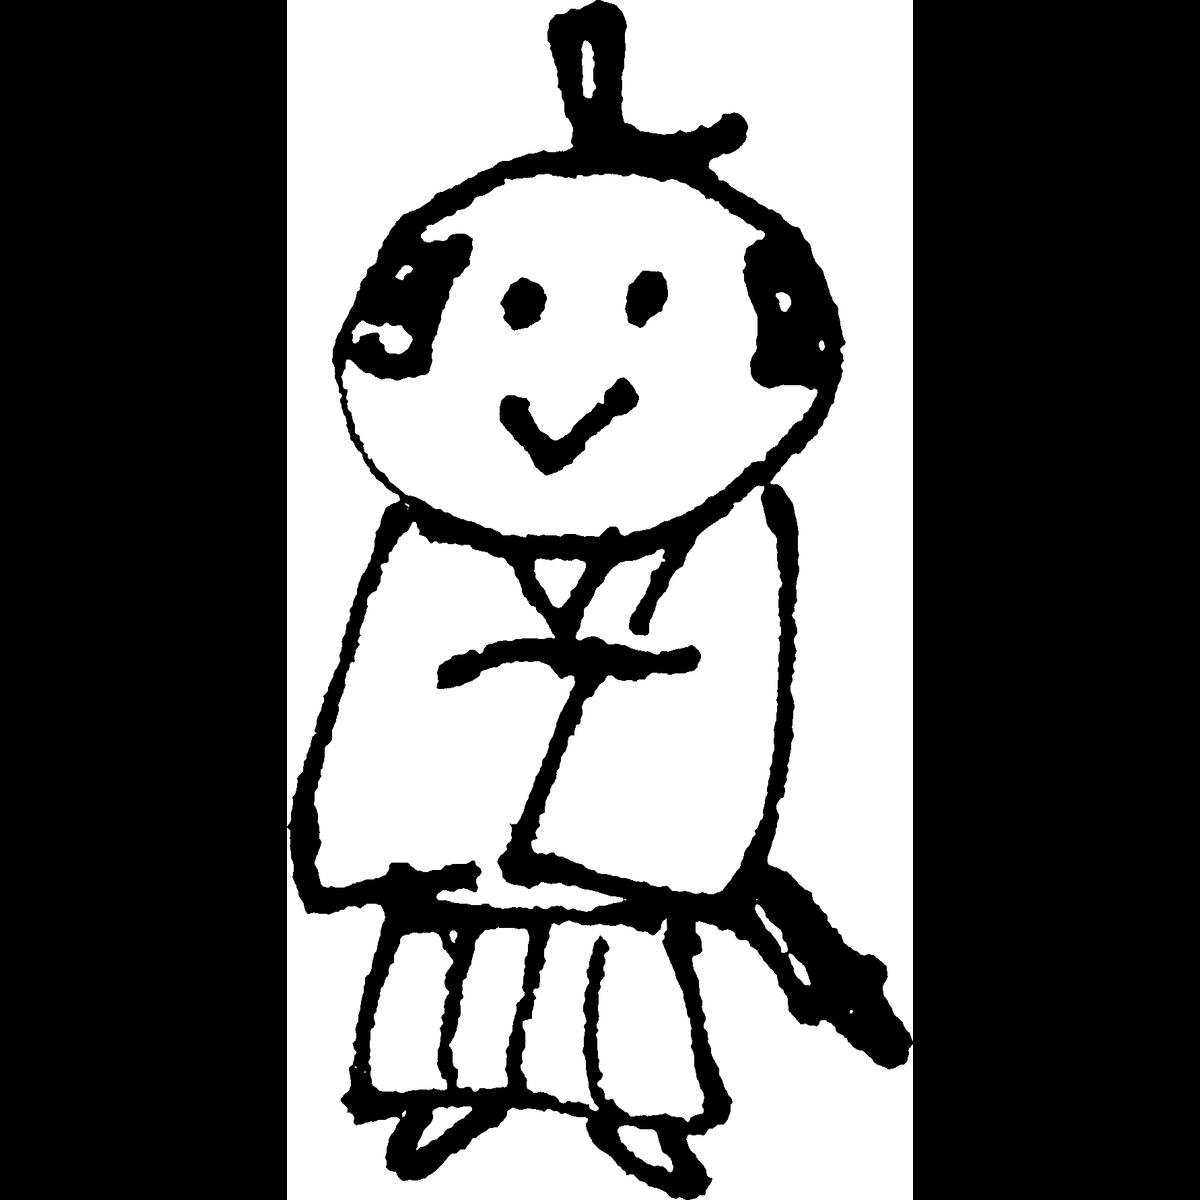 侍 腕を組むのイラスト Samurai Cross arms Illust